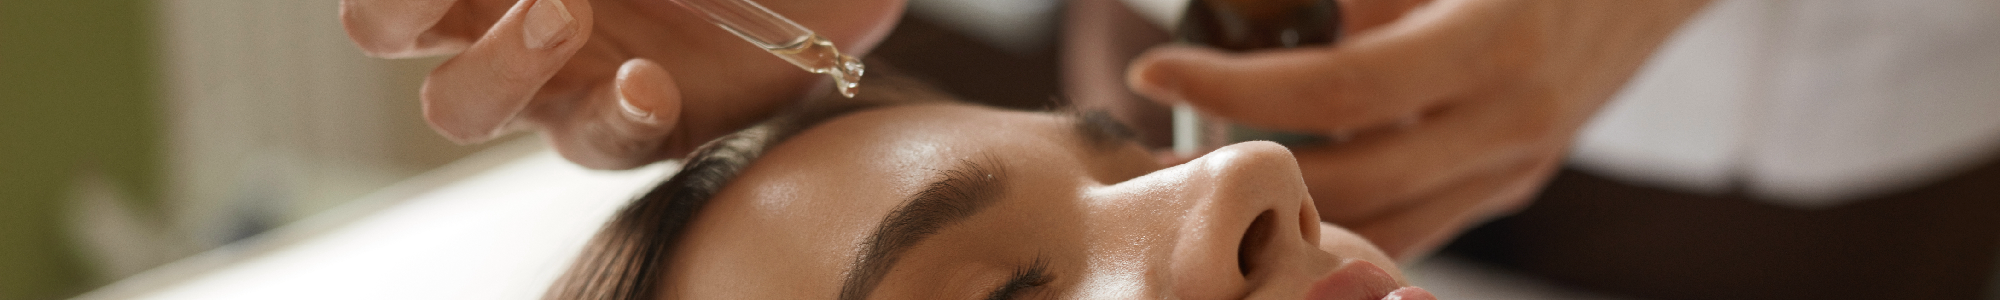 Sérum visage anti-age aux extraits naturels biologiques